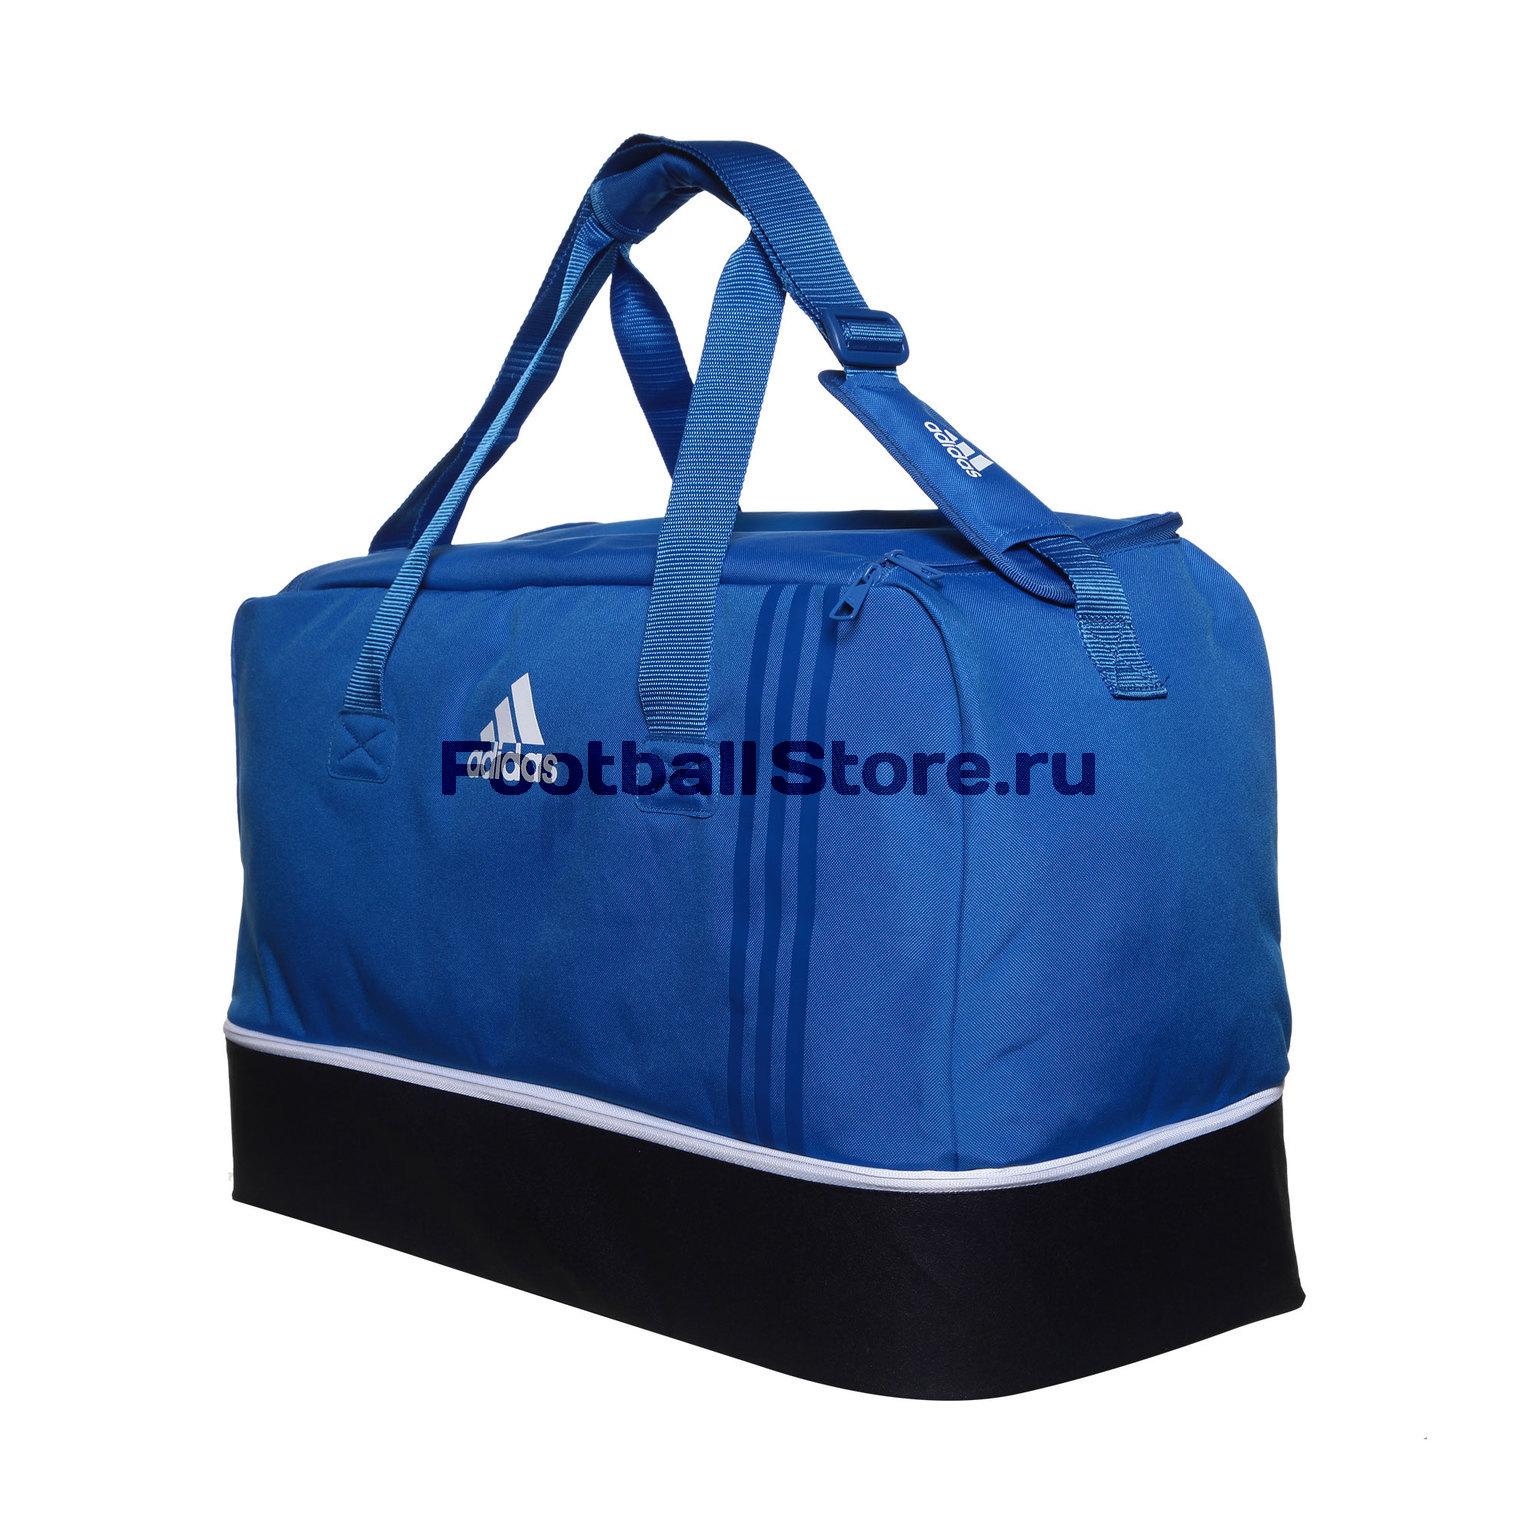 Сумка Adidas Tiro TB BC L BS4755 сумки adidas спортивная сумка cska tb m black